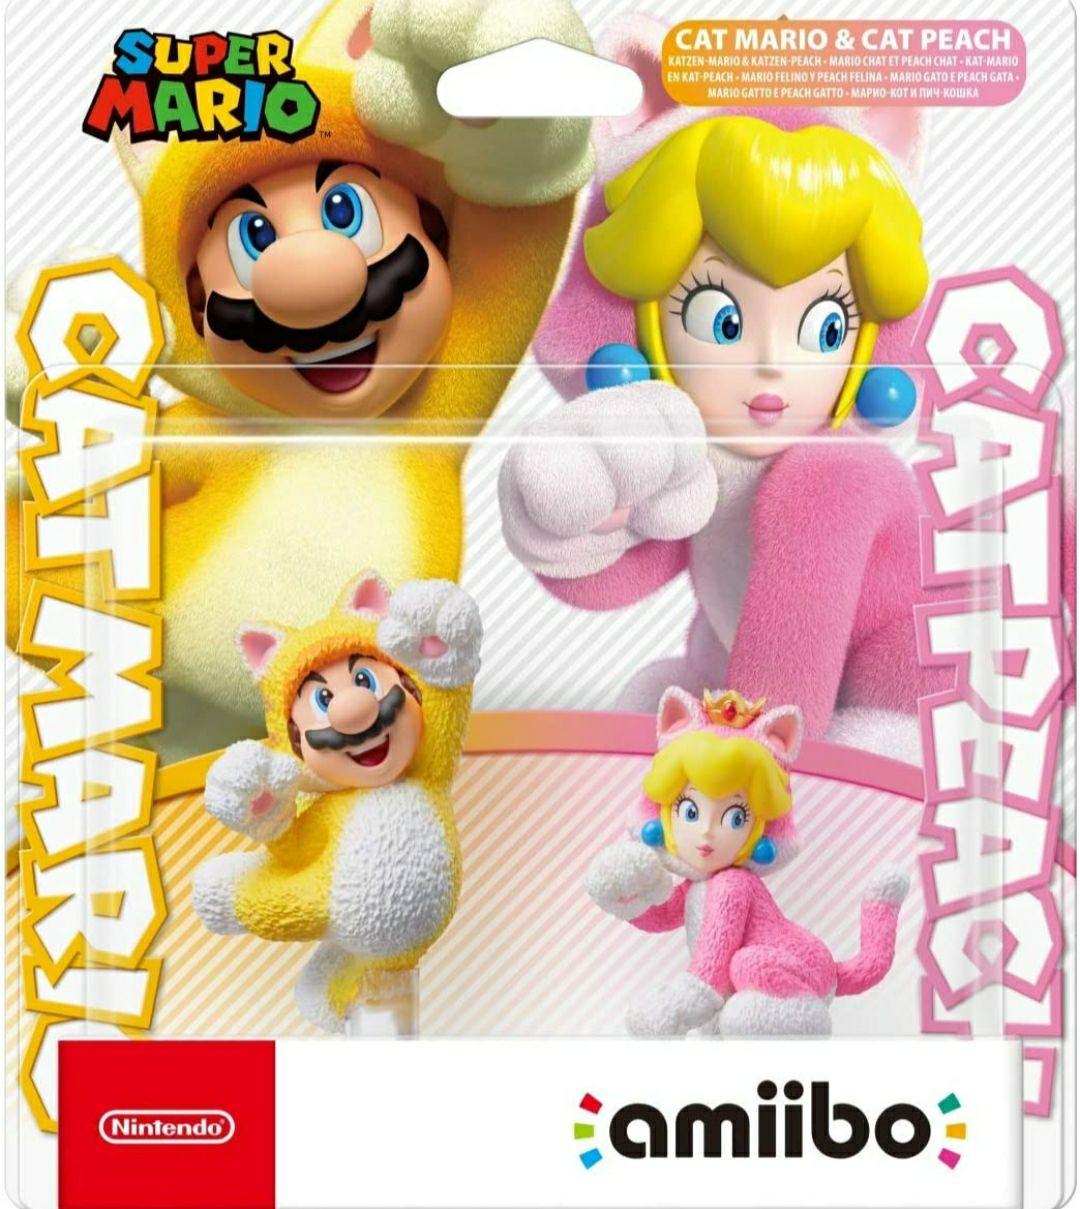 Pack de amiibos Mario y Peach felinos.